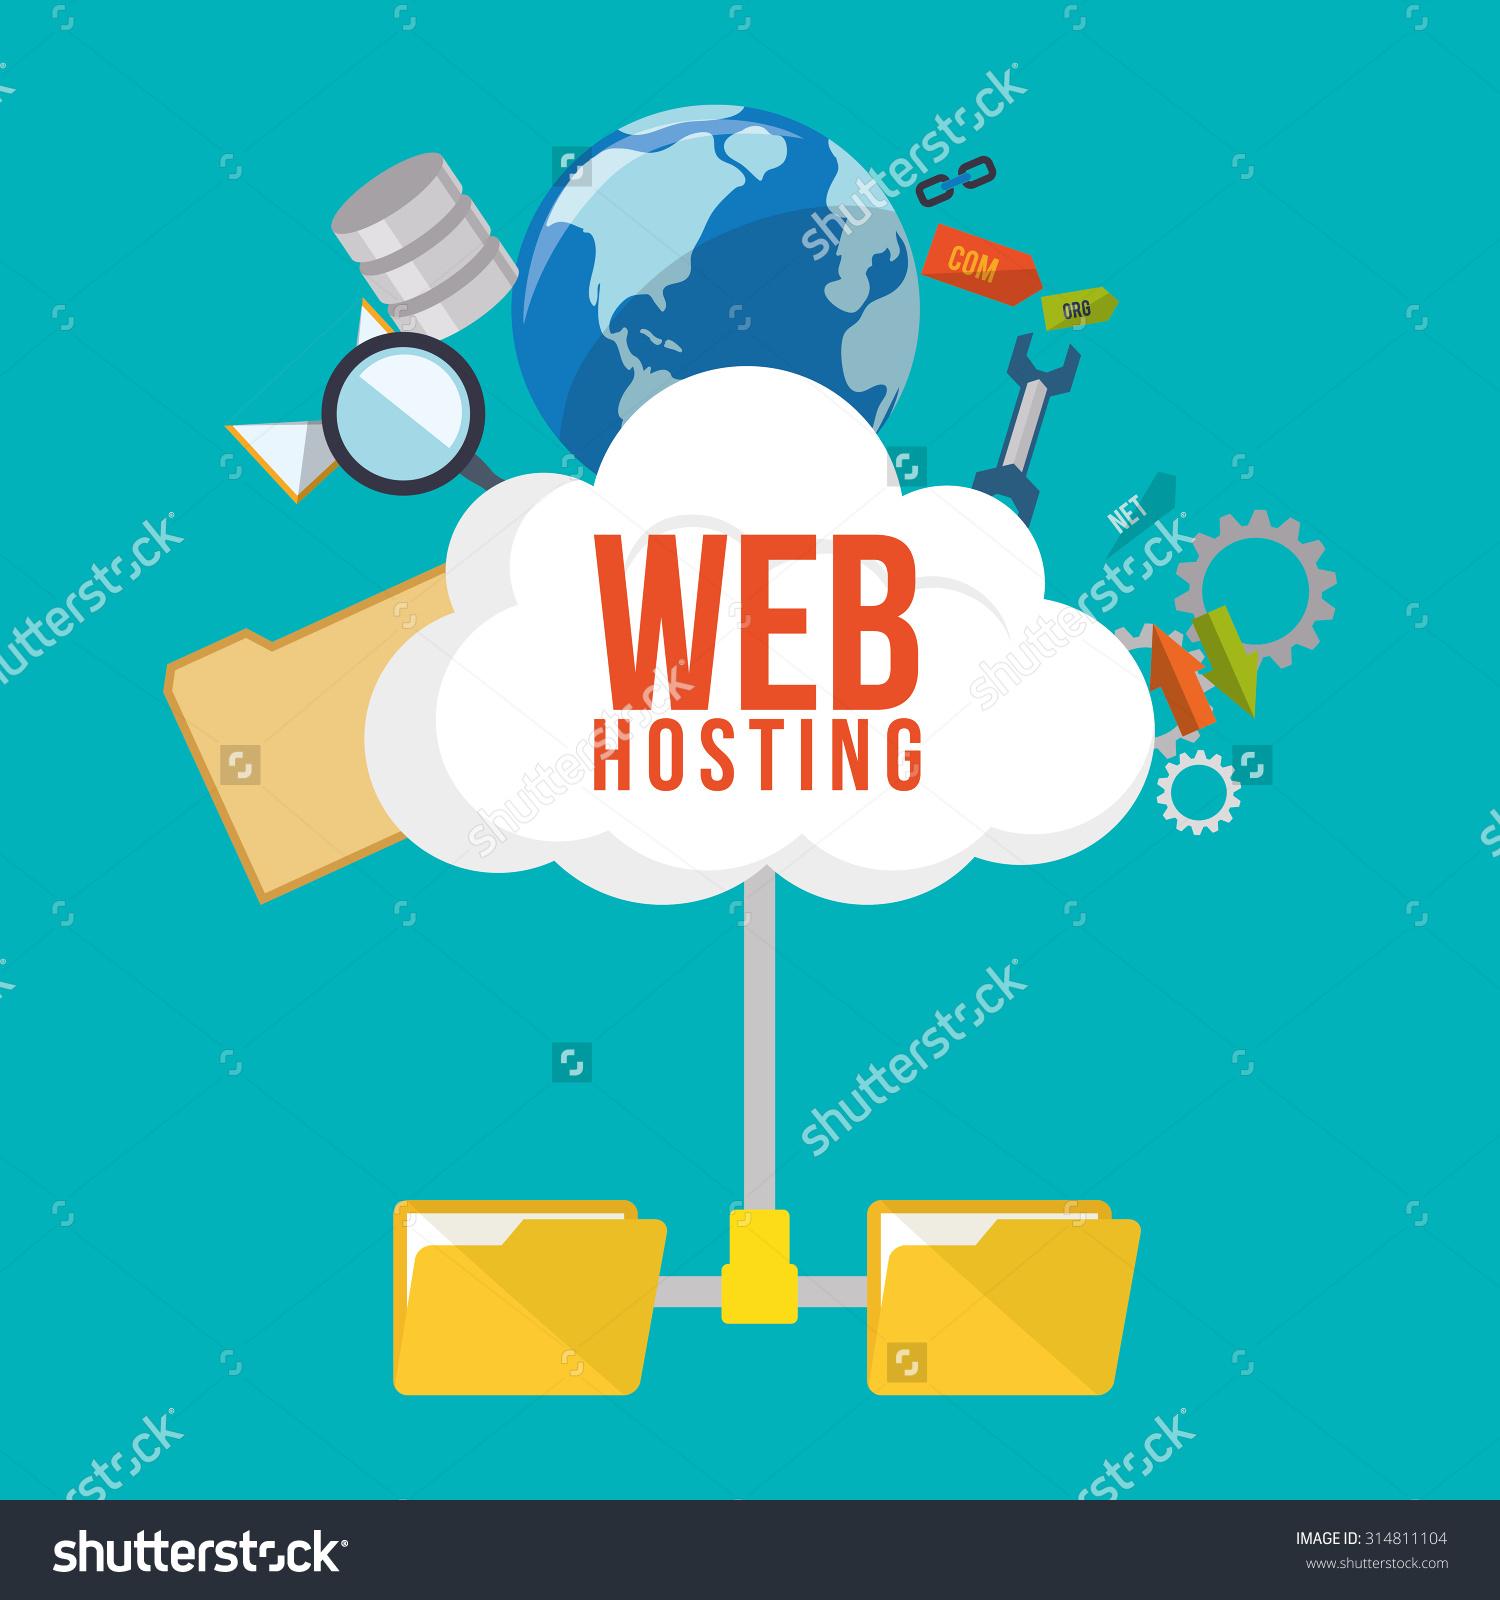 Bingung Perbedaan Antara Cloud Computing dan Web Hosting? Baca ini !